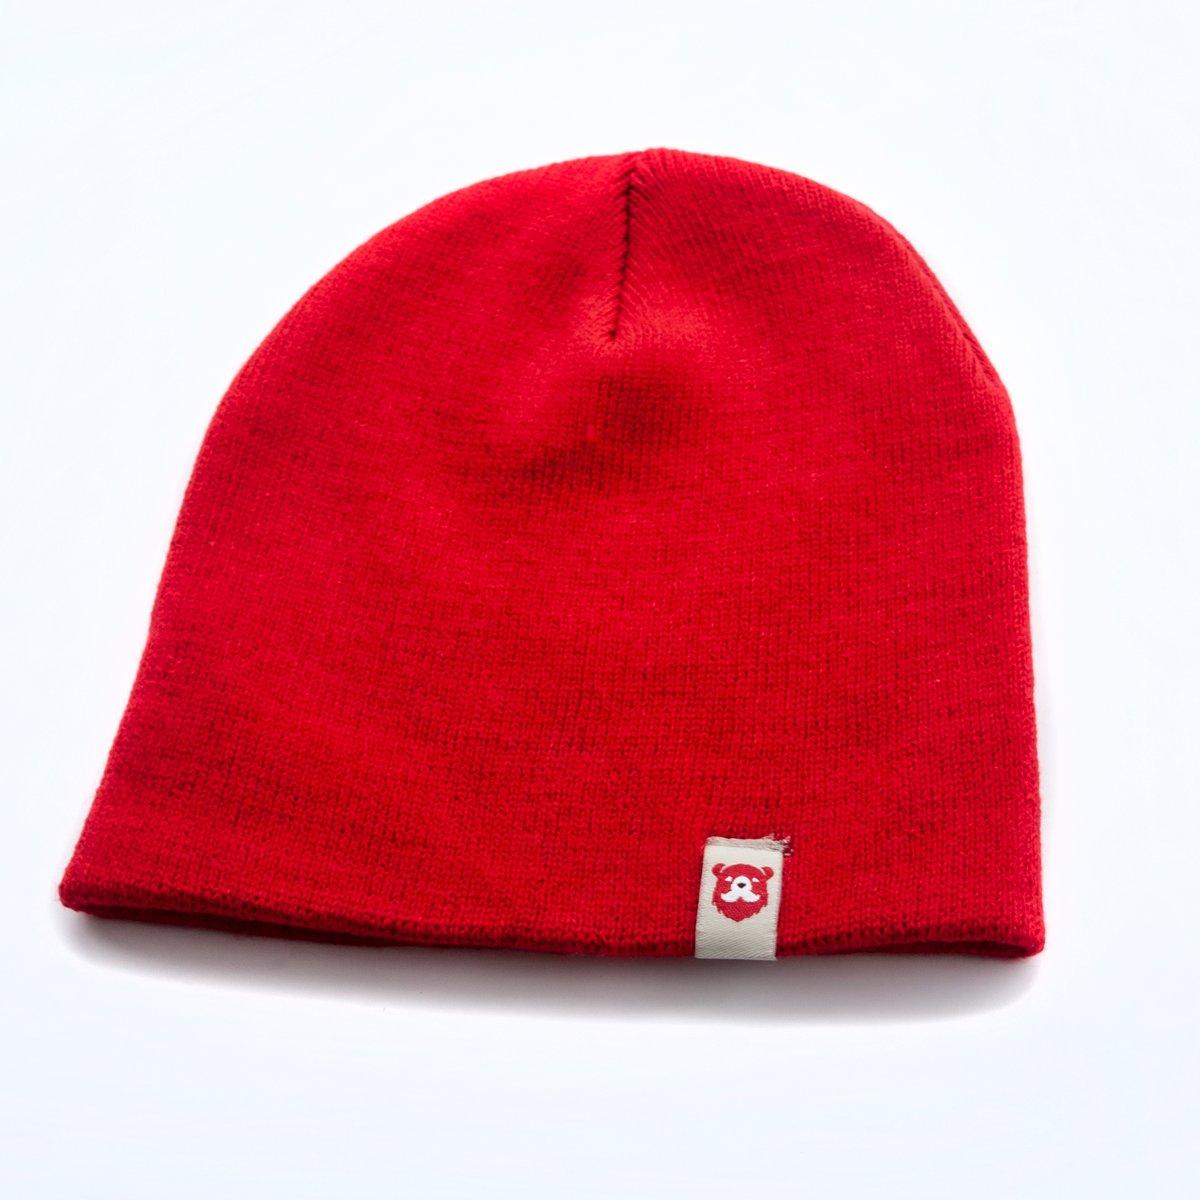 Burly Toque - skull cap